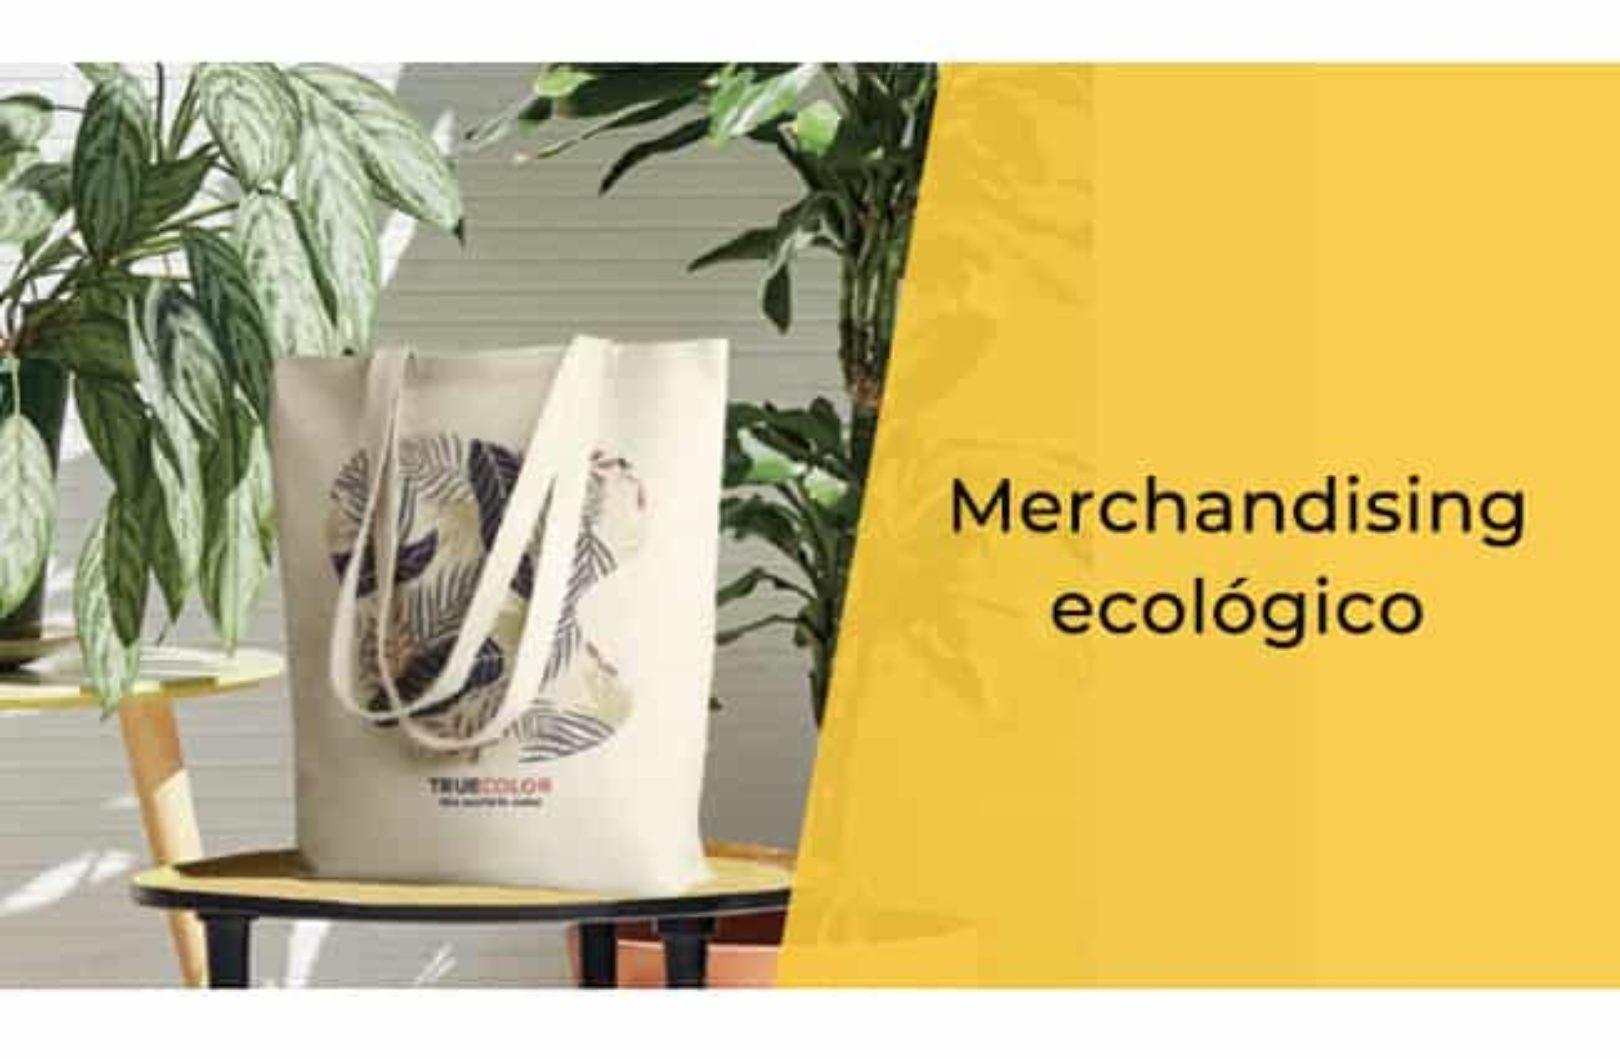 merchandising-ecologico-min